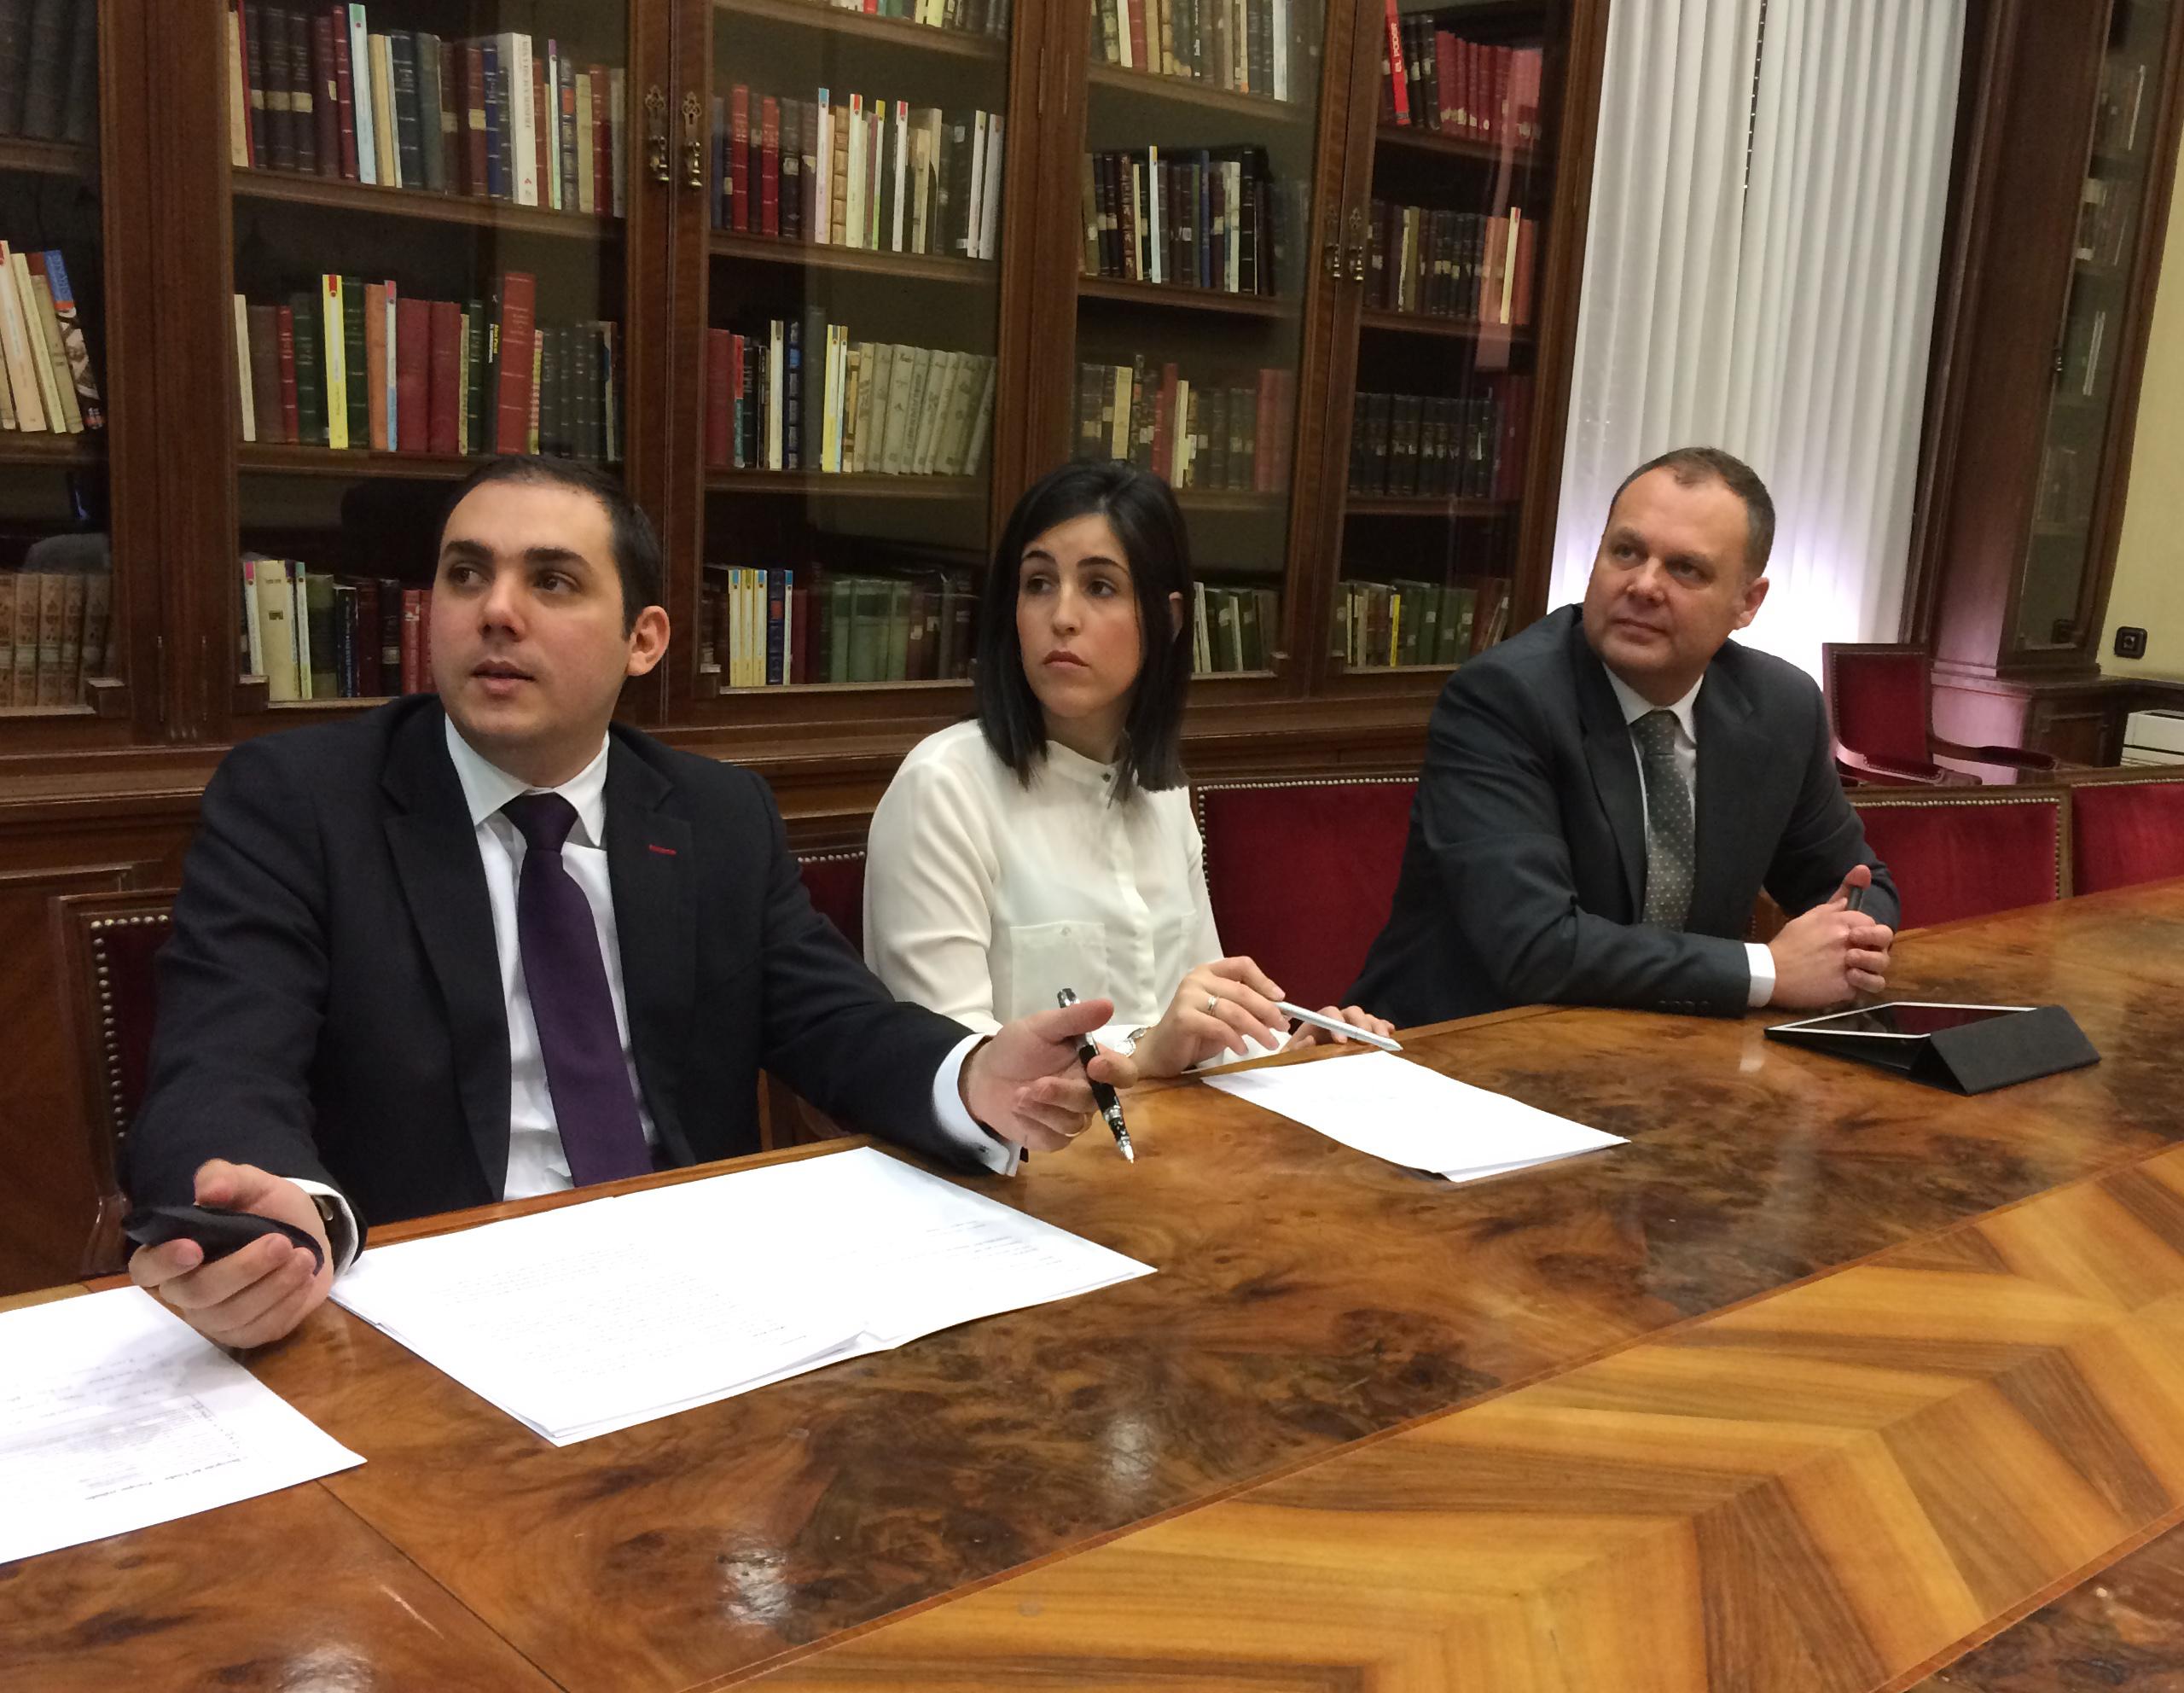 Felix Urosa, Mario Arias, Ux rank